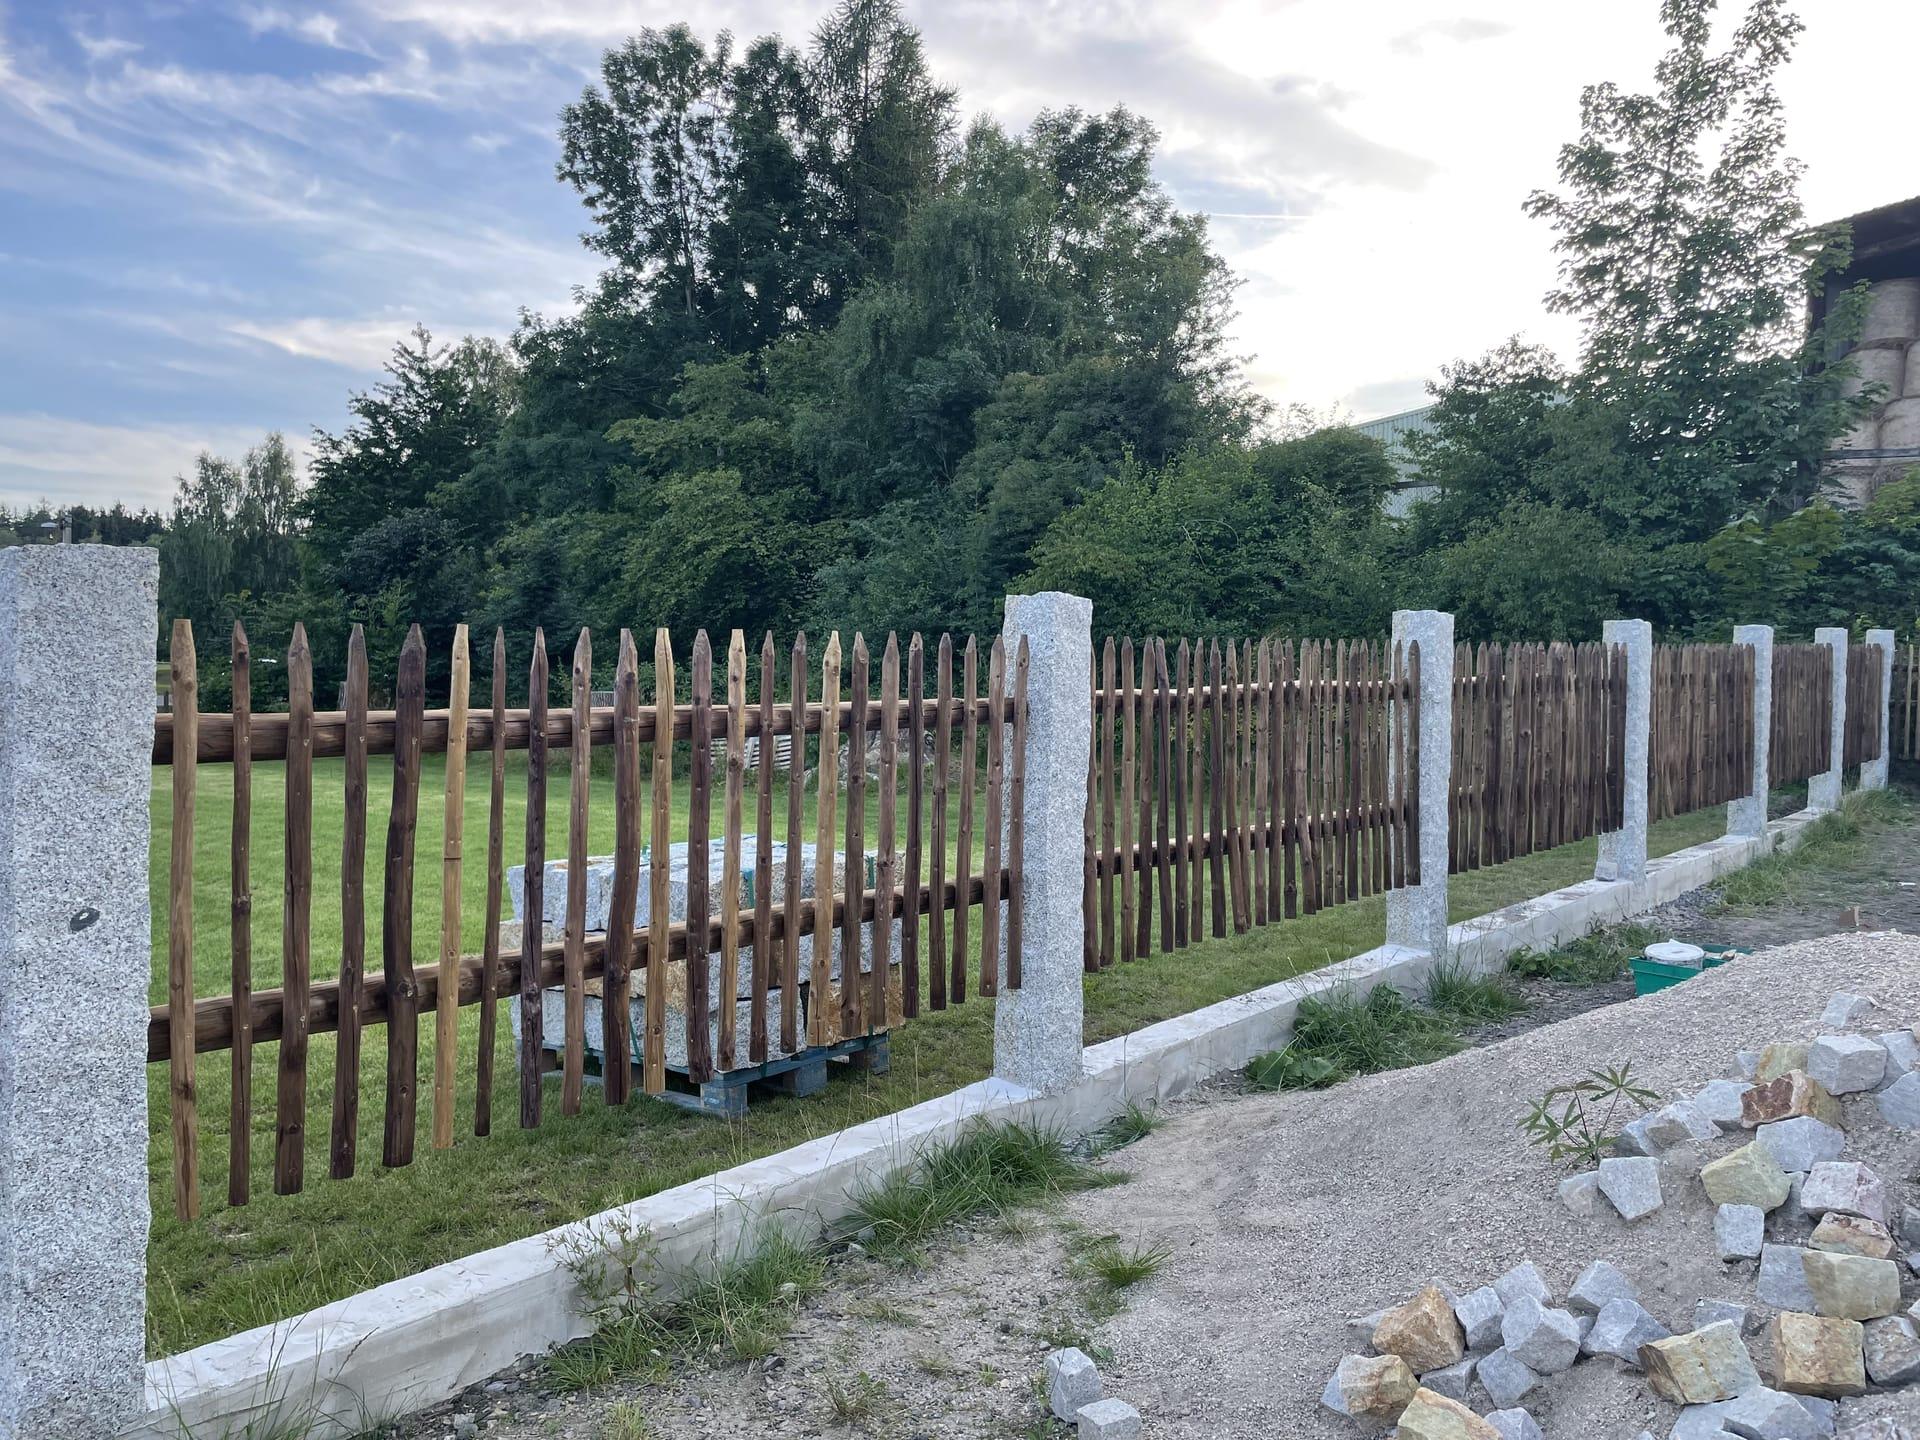 Obrázek 1 / Dřevěné ploty - ručně opracovaný   - realizace Pěnčín 8-2021